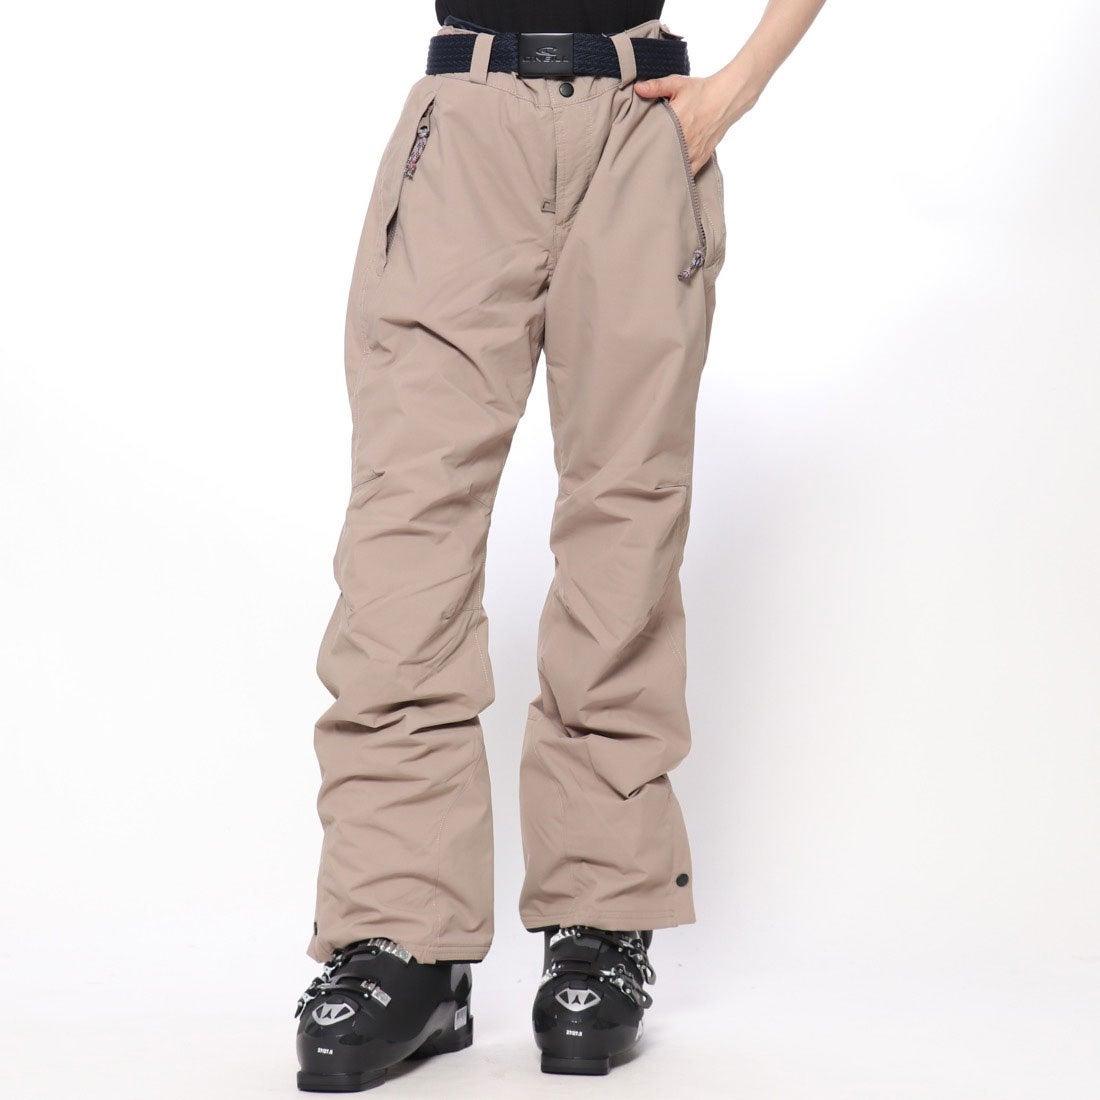 ロコンド 靴とファッションの通販サイトオニール O'NEILL レディス スノーパンツ (BEG)